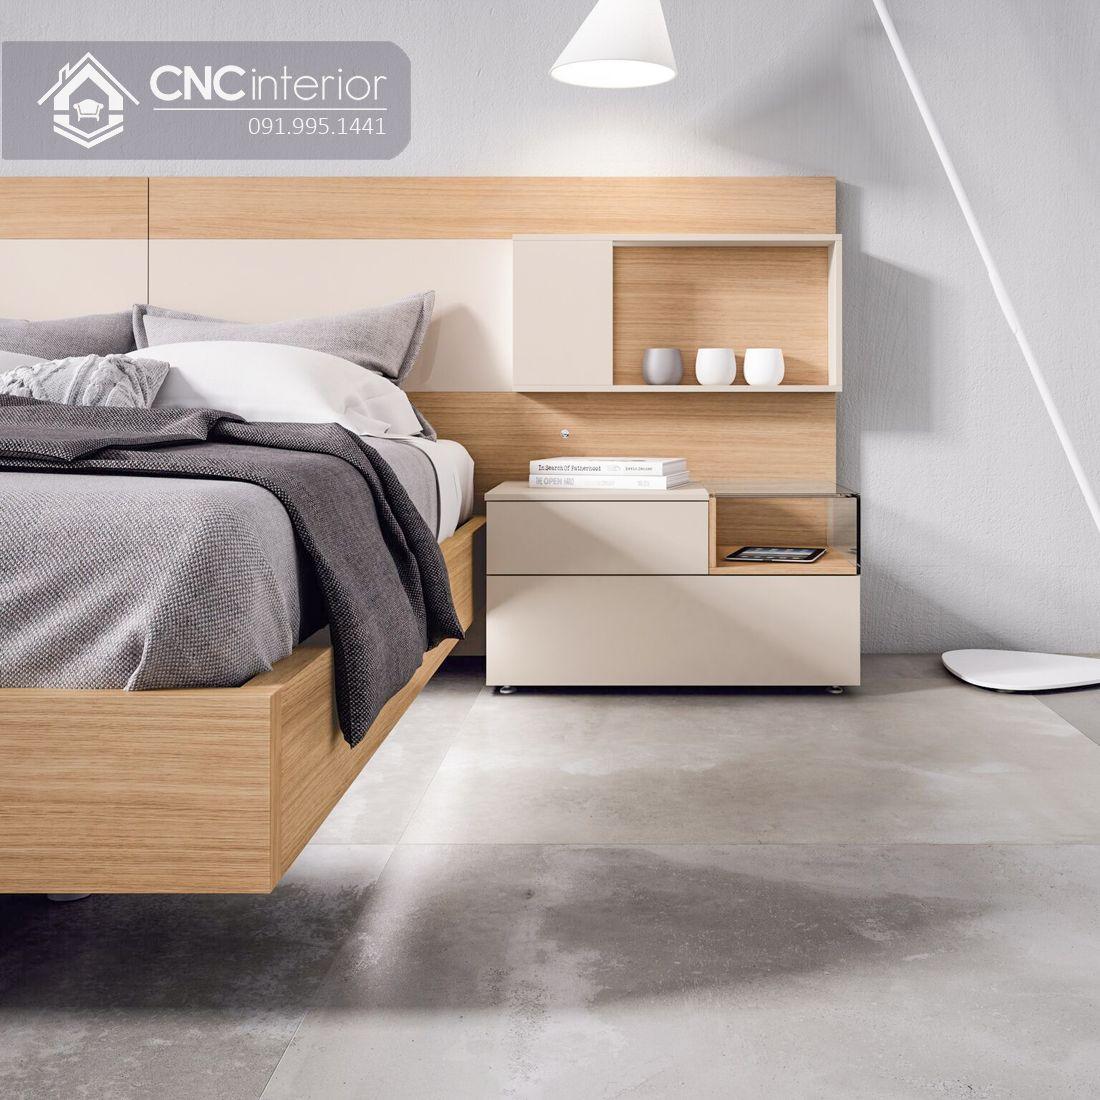 Giường ngủ gỗ công nghiệp cao cấp hiện đại CNC 64 2